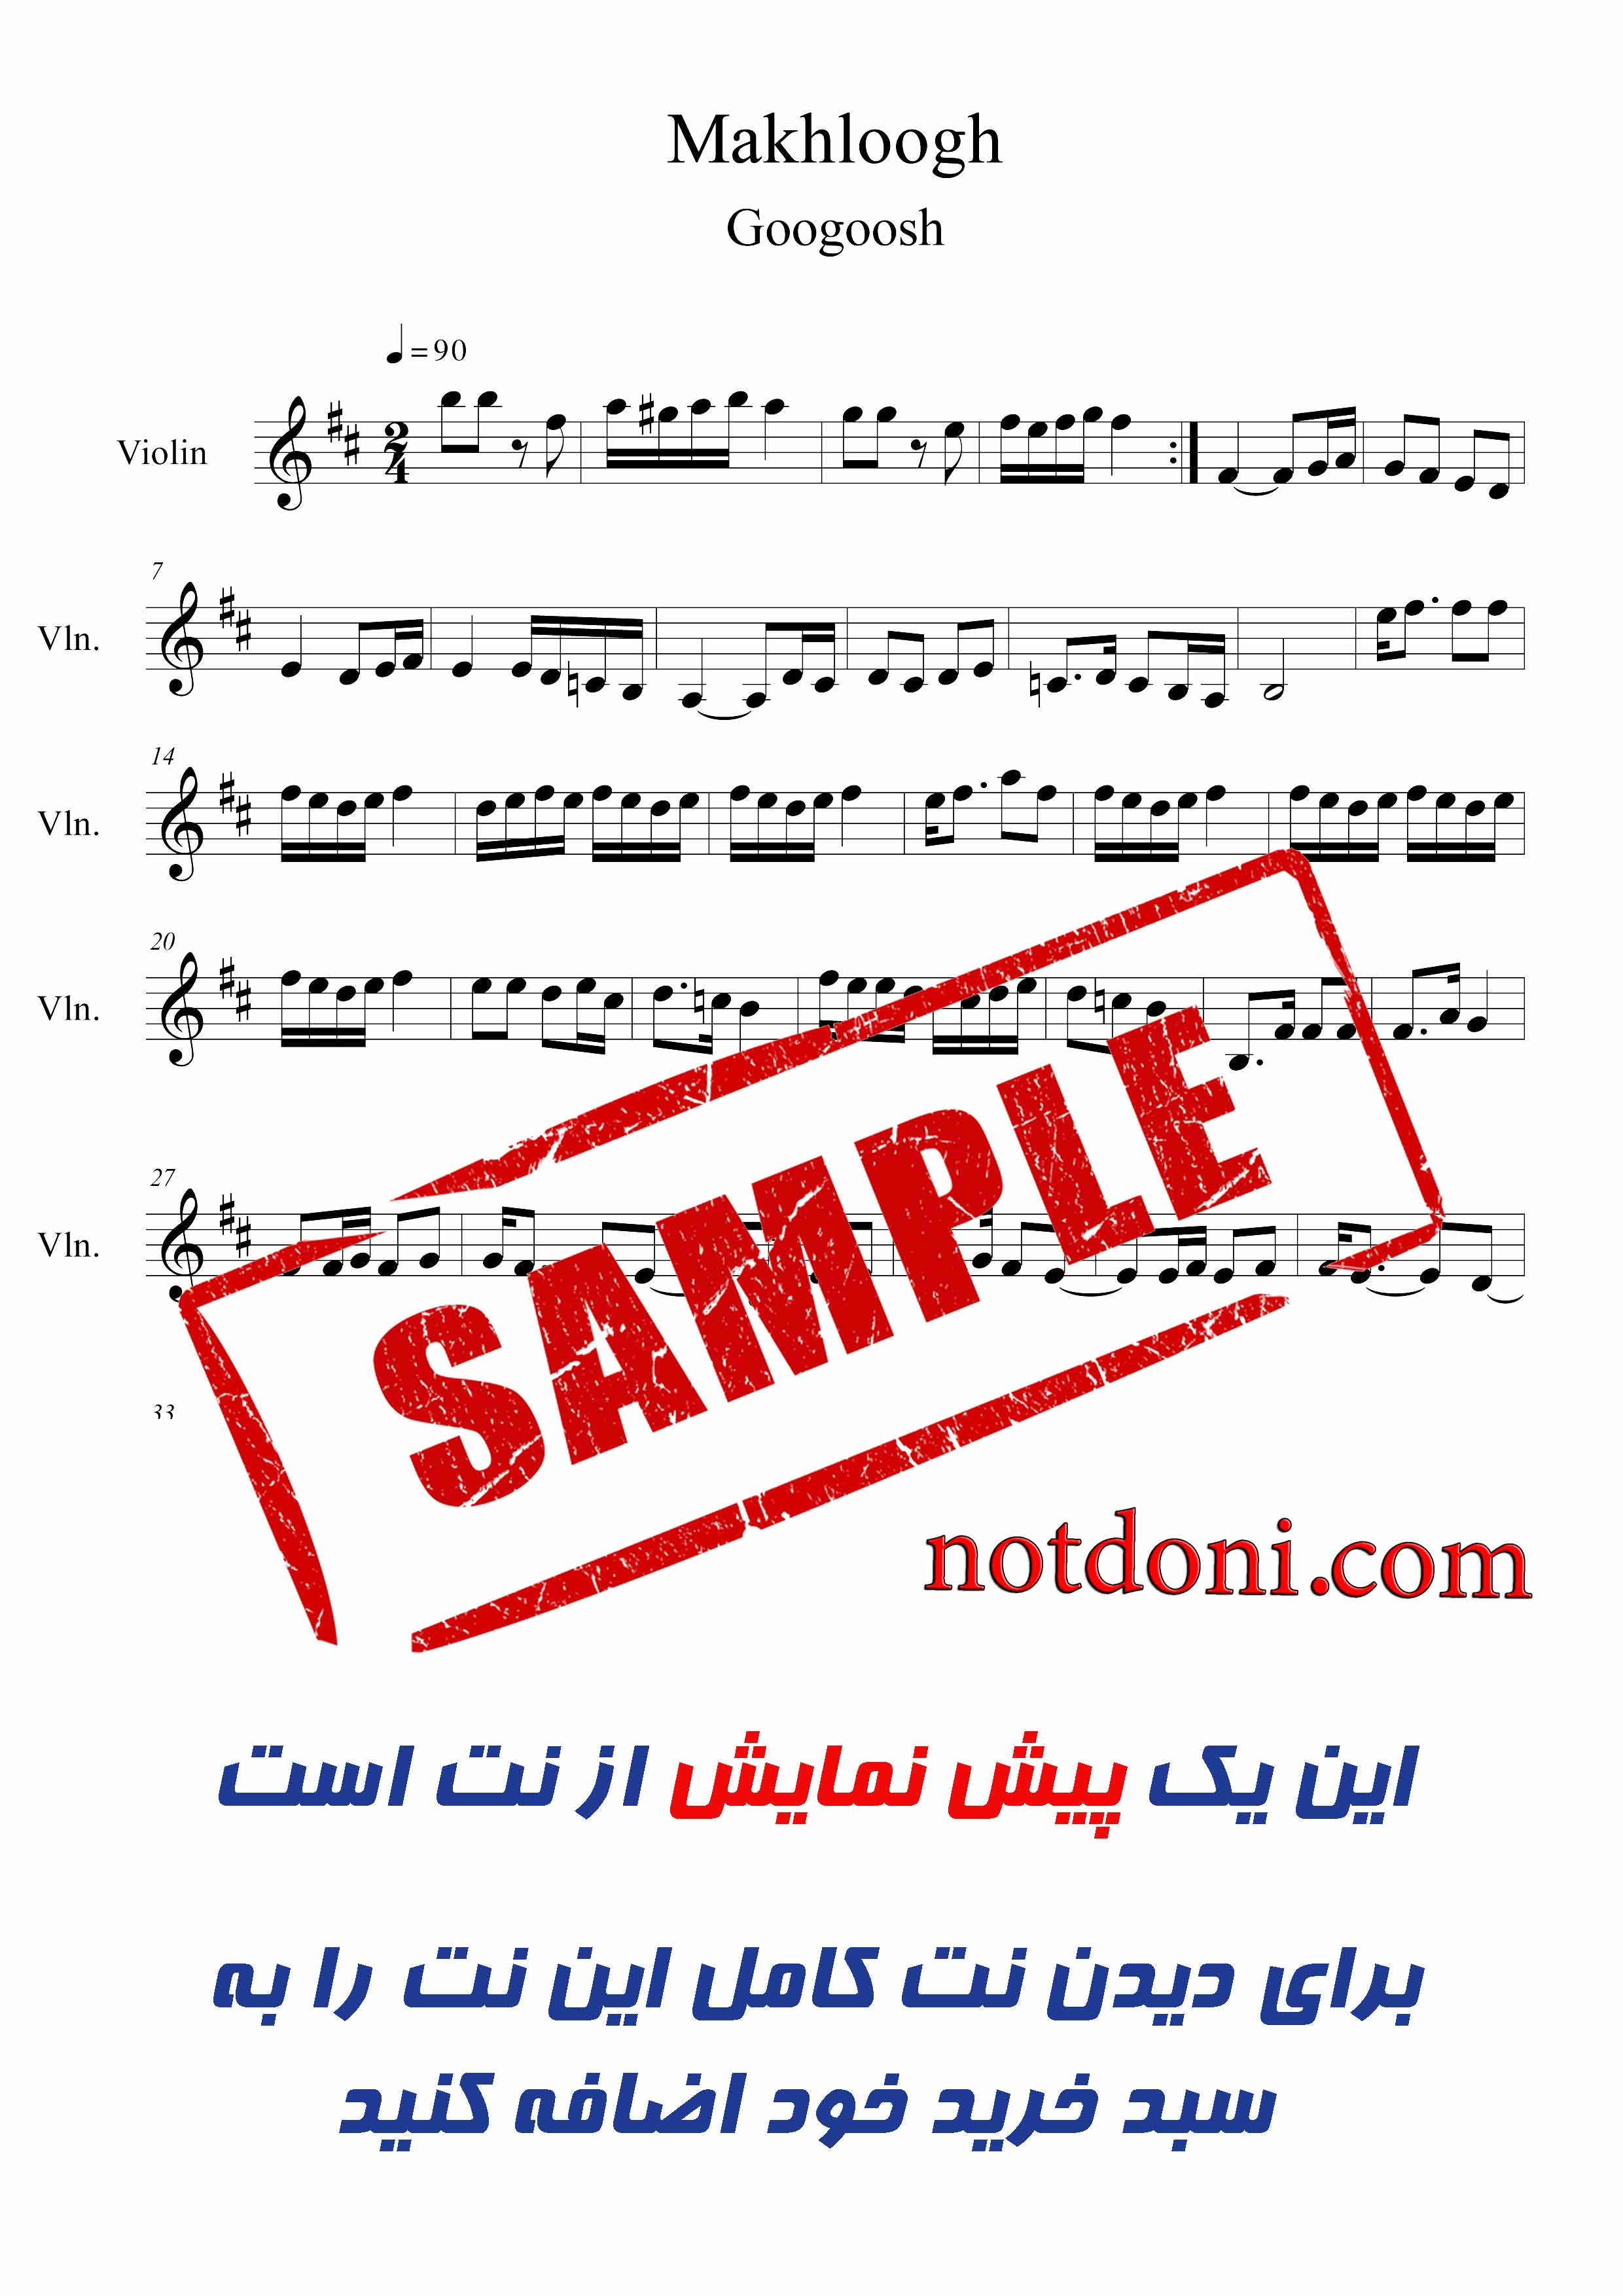 9d2cdb58-0332-425a-9cca-e3a8221aadd4_دموی-نت-آهنگ-مخلوق.jpg